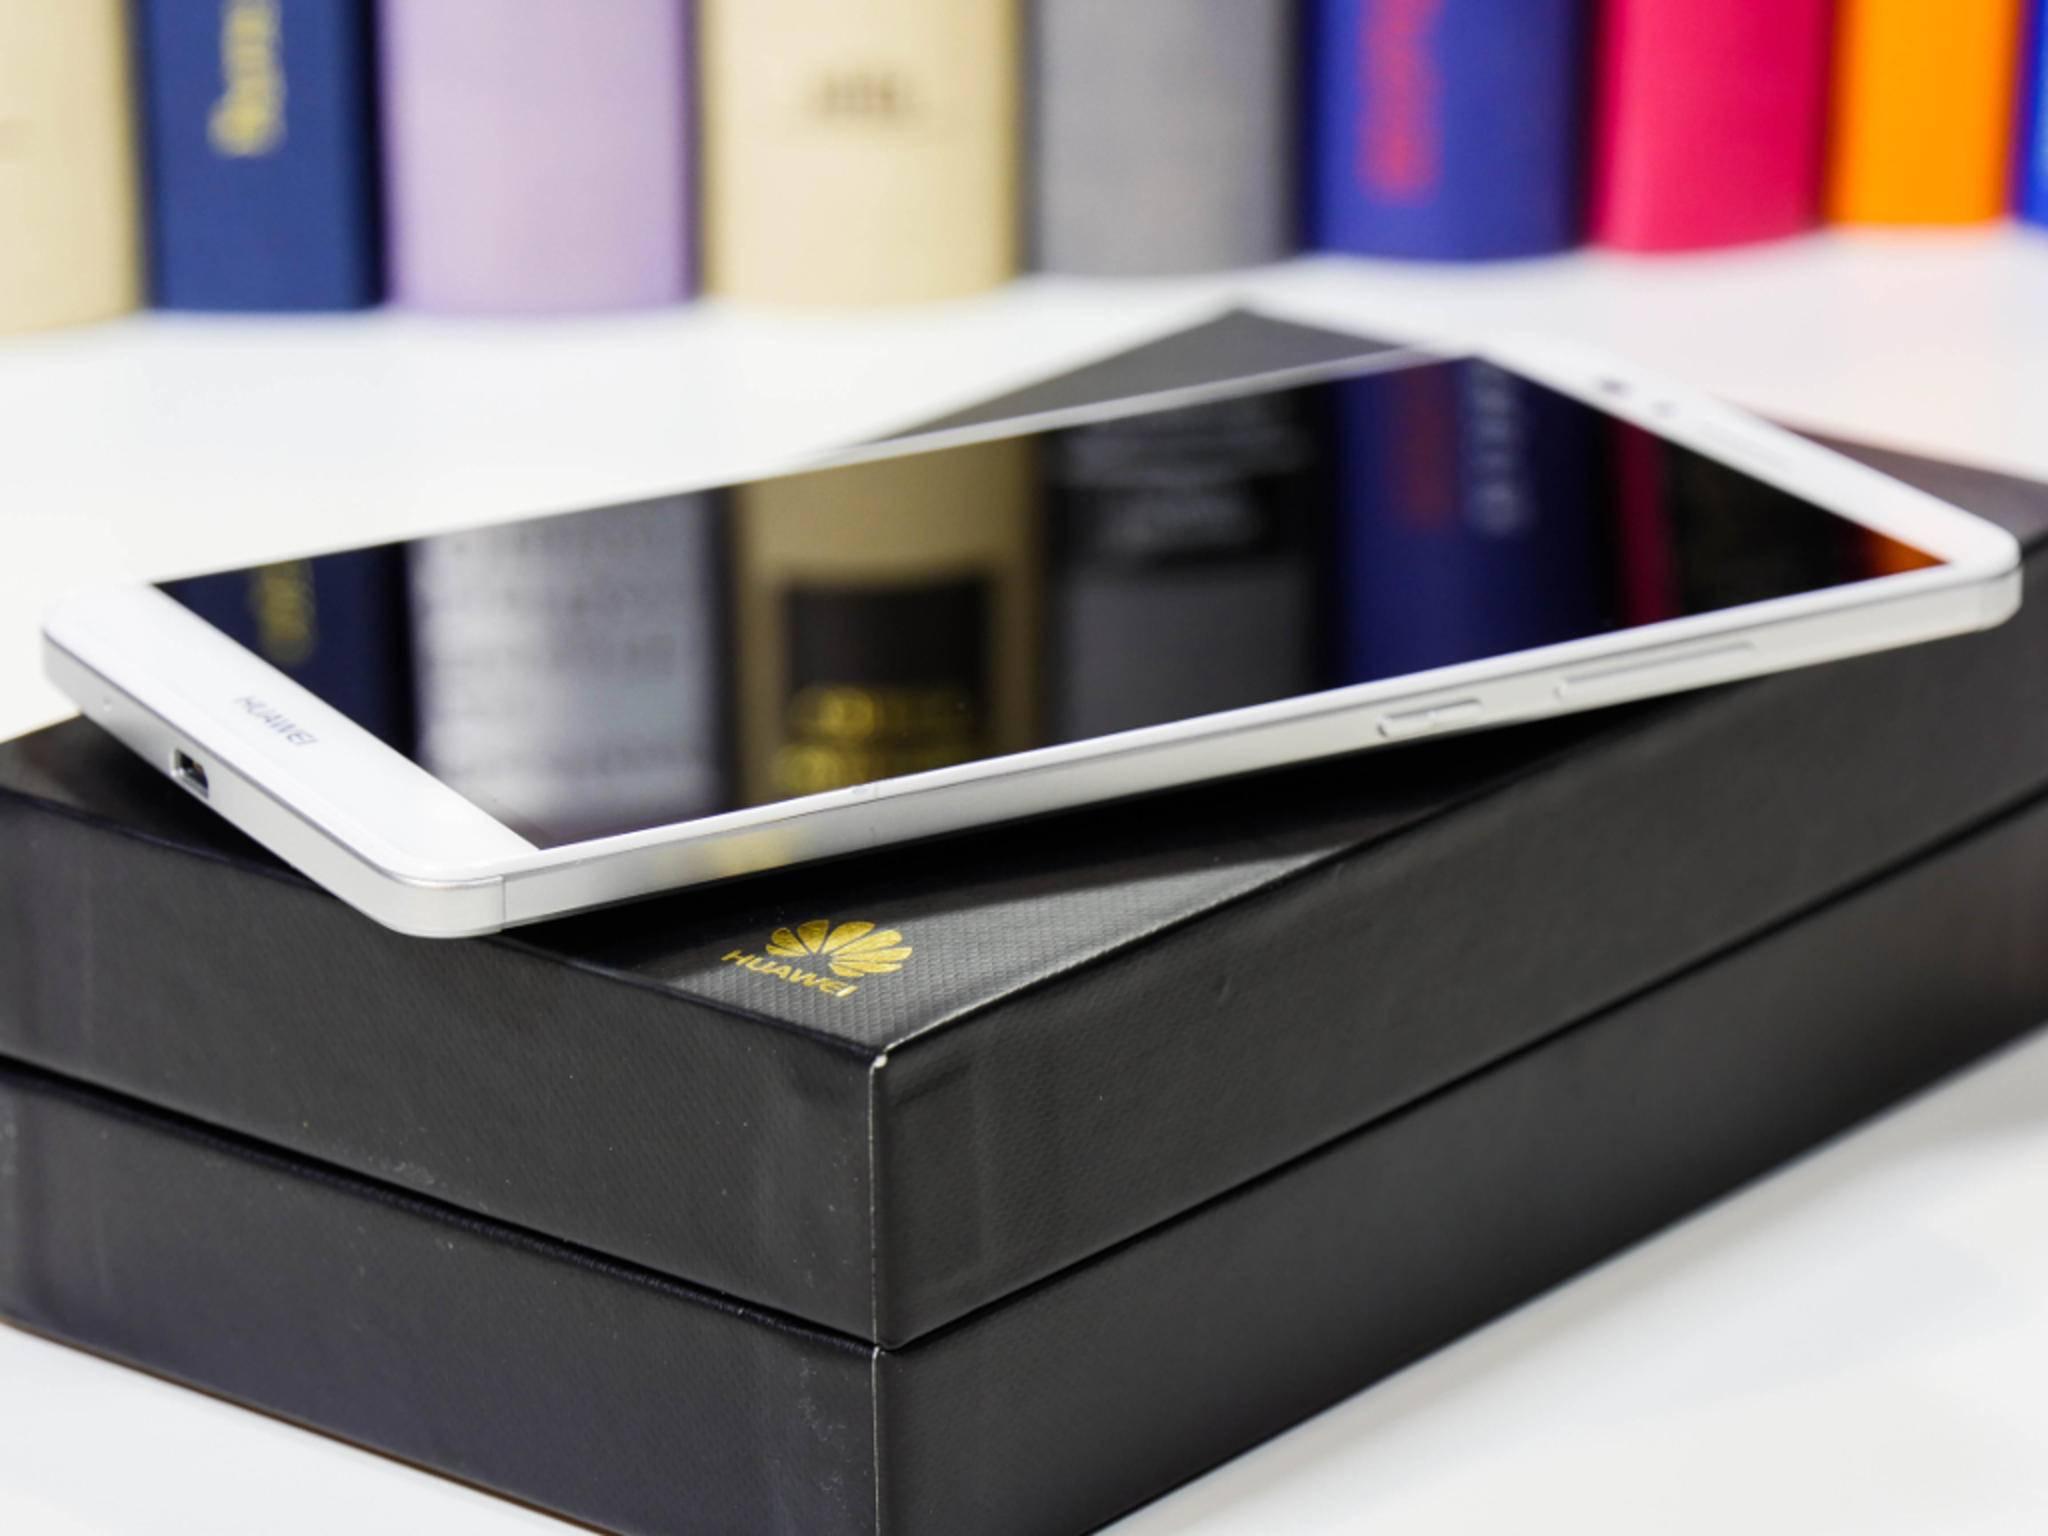 Trotz Riesen-Display passt es besser in die Jackentasche als das Nexus 6.